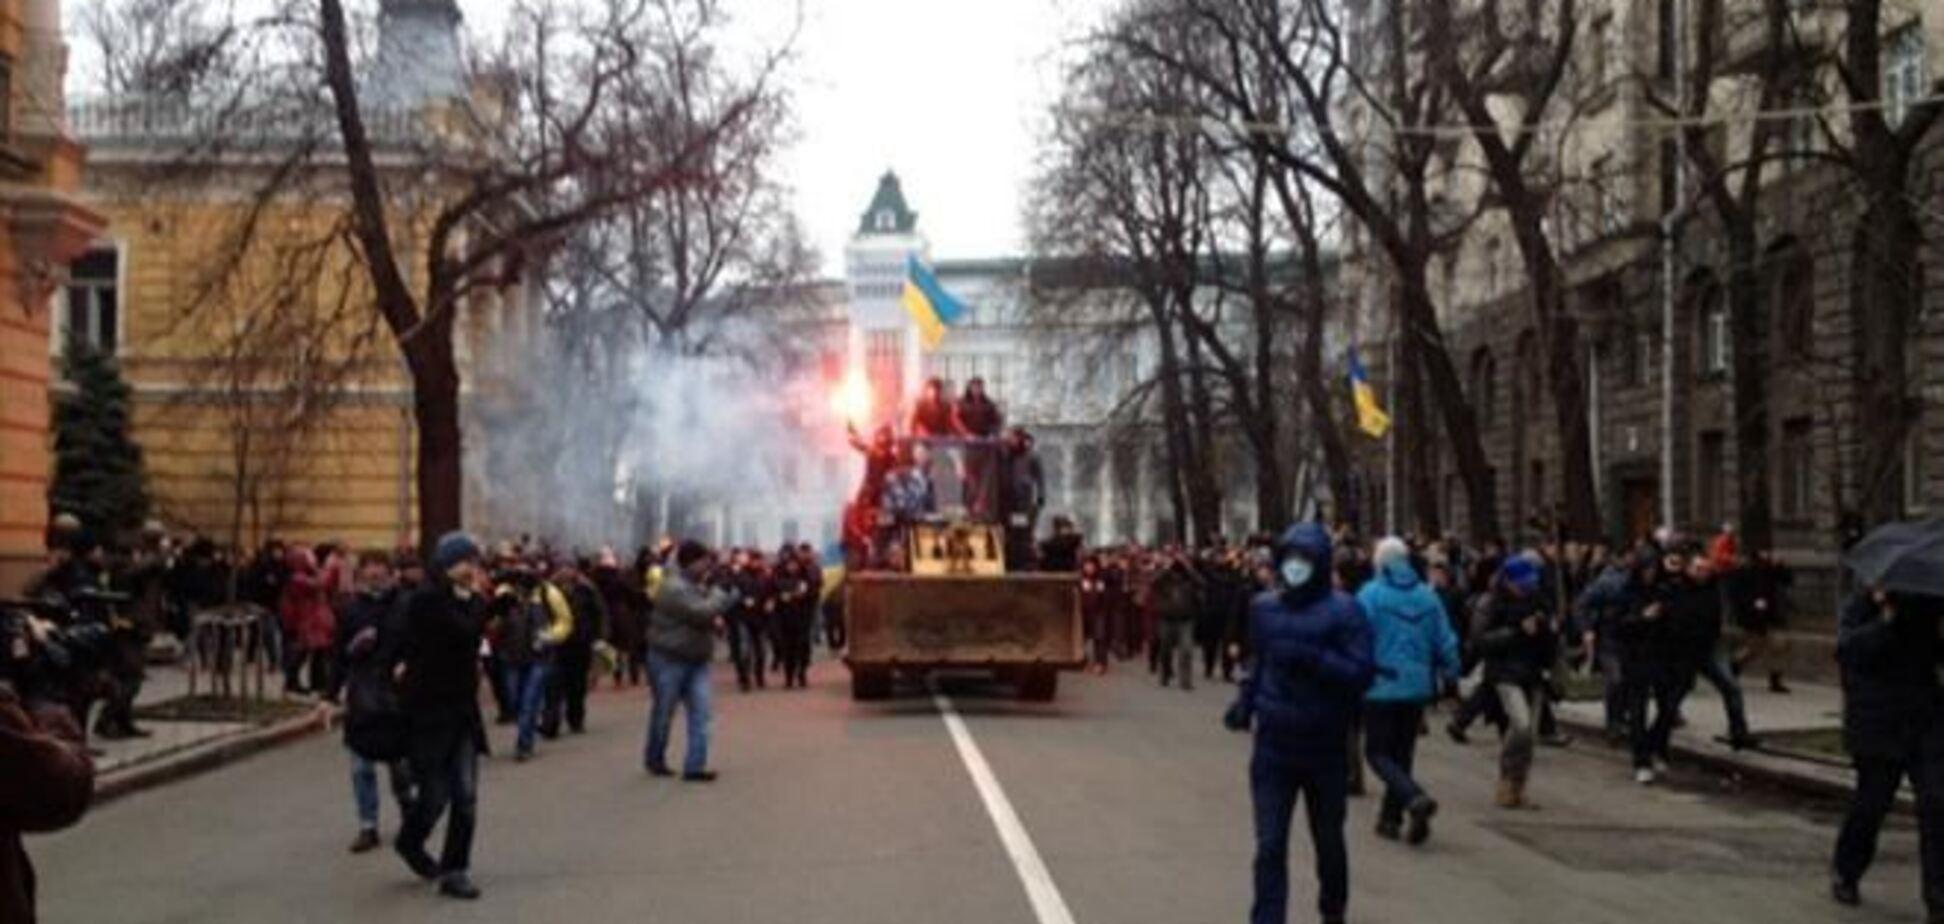 Адміністрацію Президента спробували взяти штурмом на тракторі